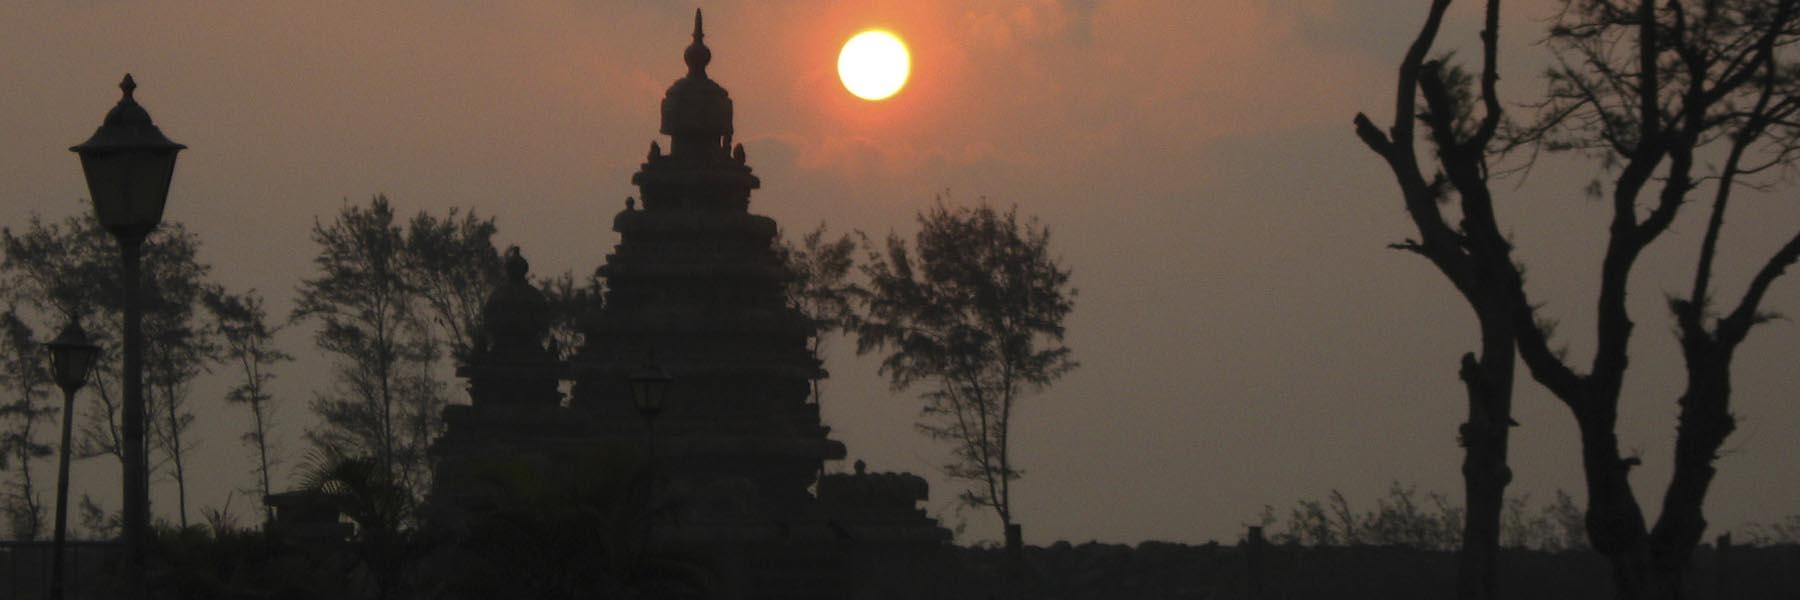 Mahabalipuram & Kanchipuram